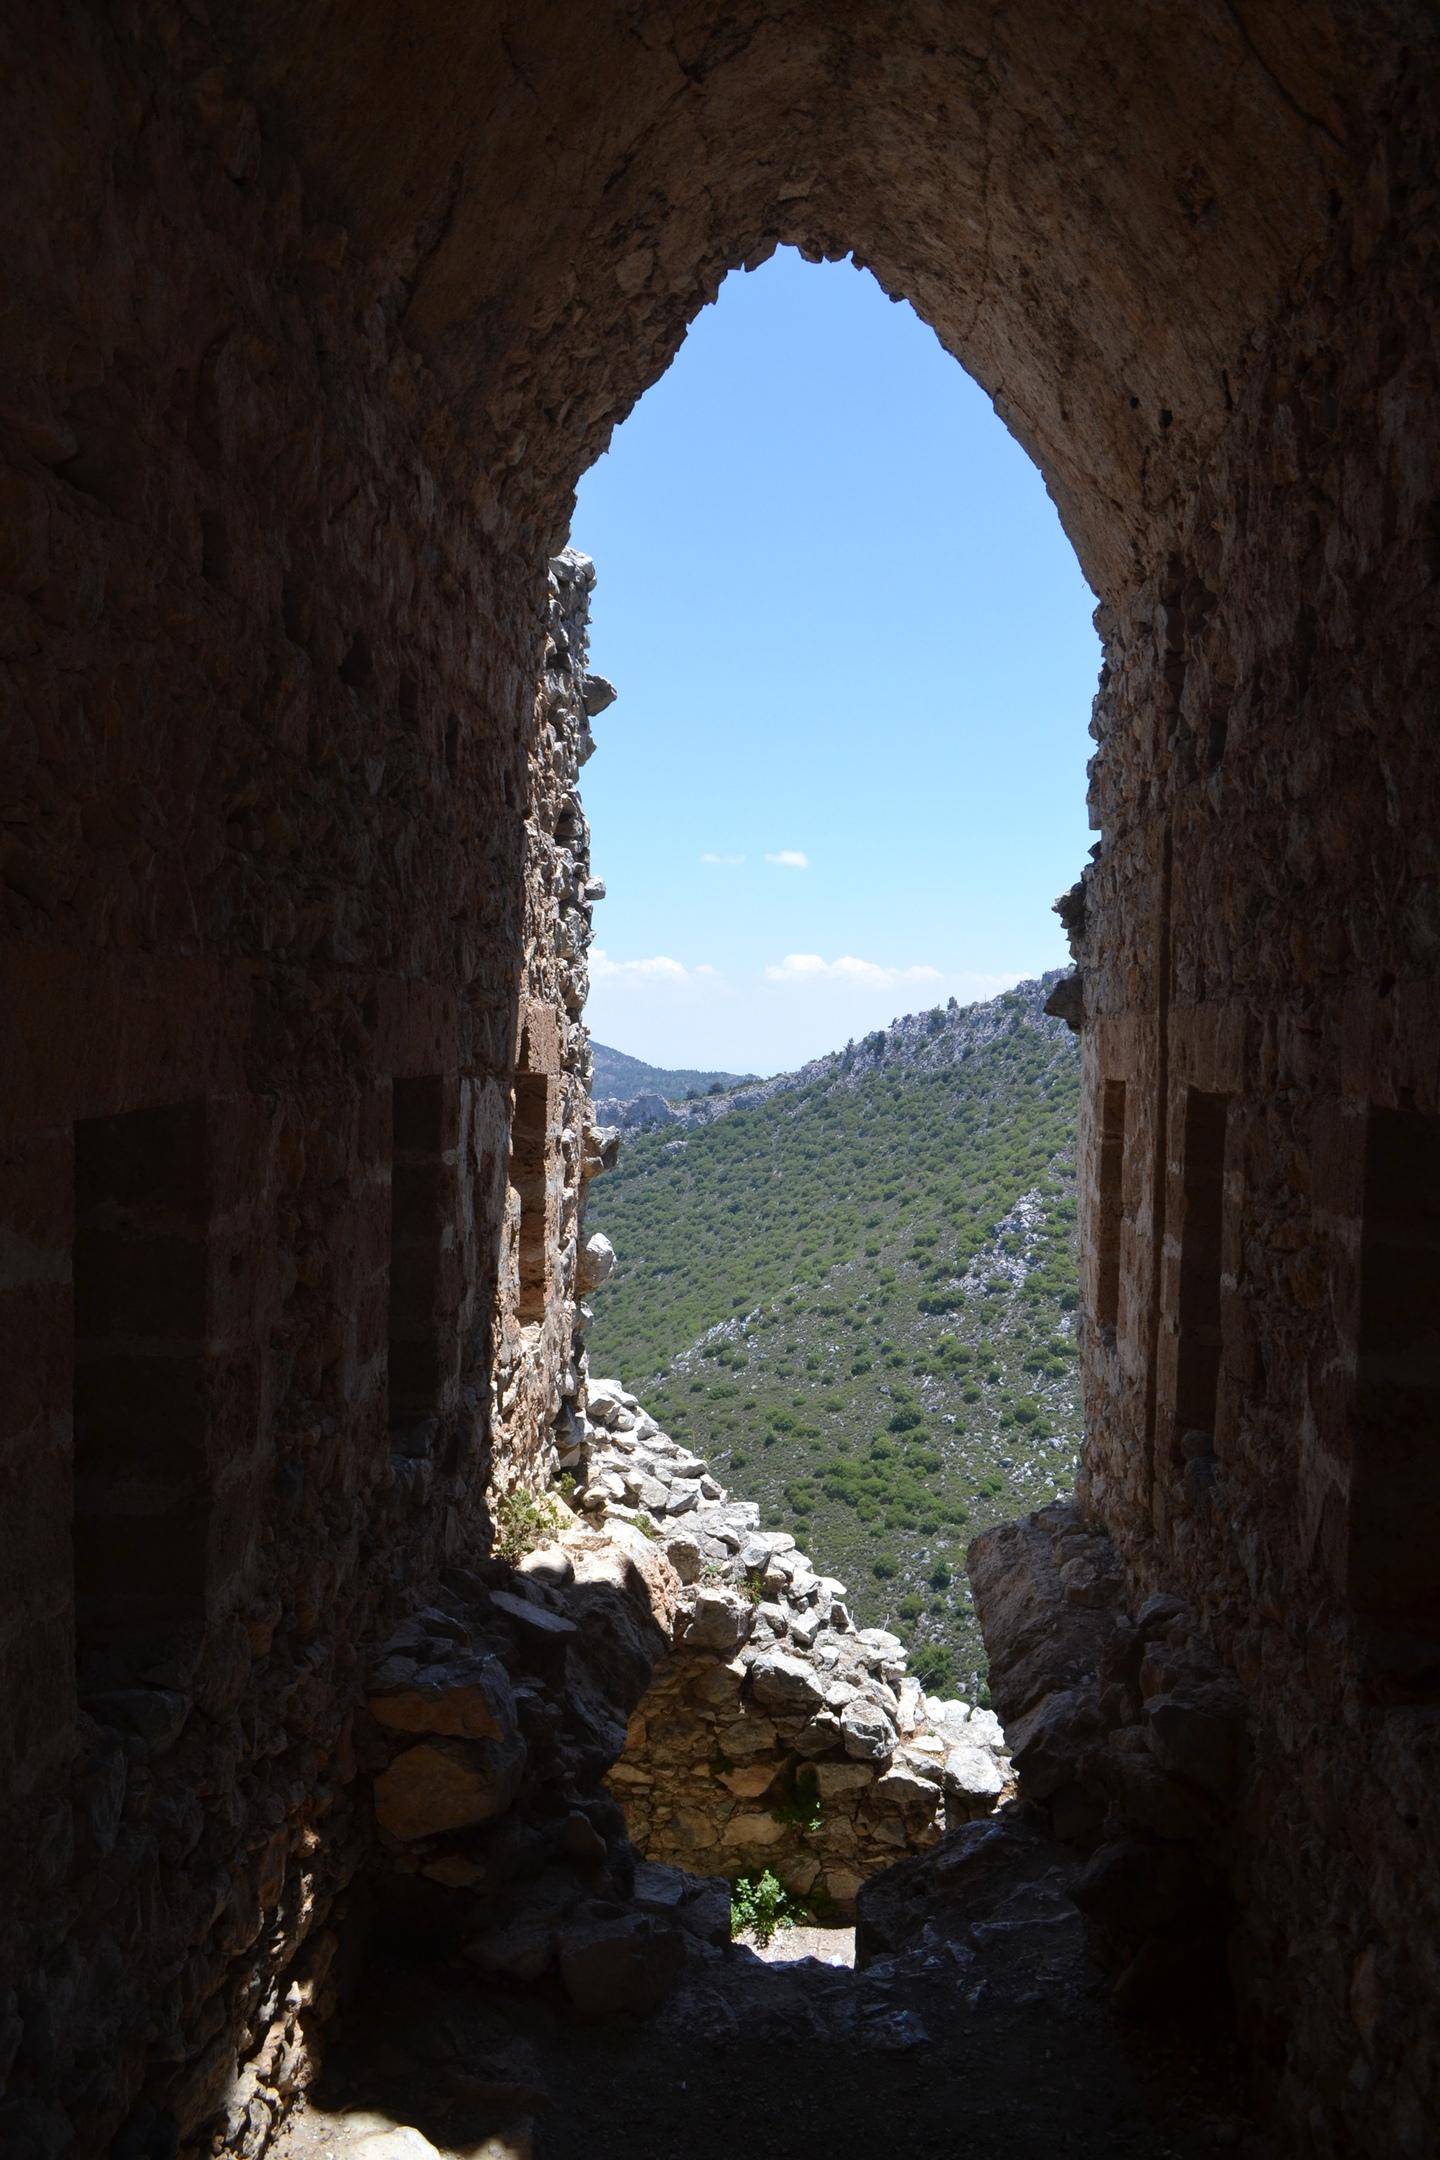 Северный Кипр. Замок Святого Иллариона. (фото). - Страница 3 0XVbnhQ8WfE